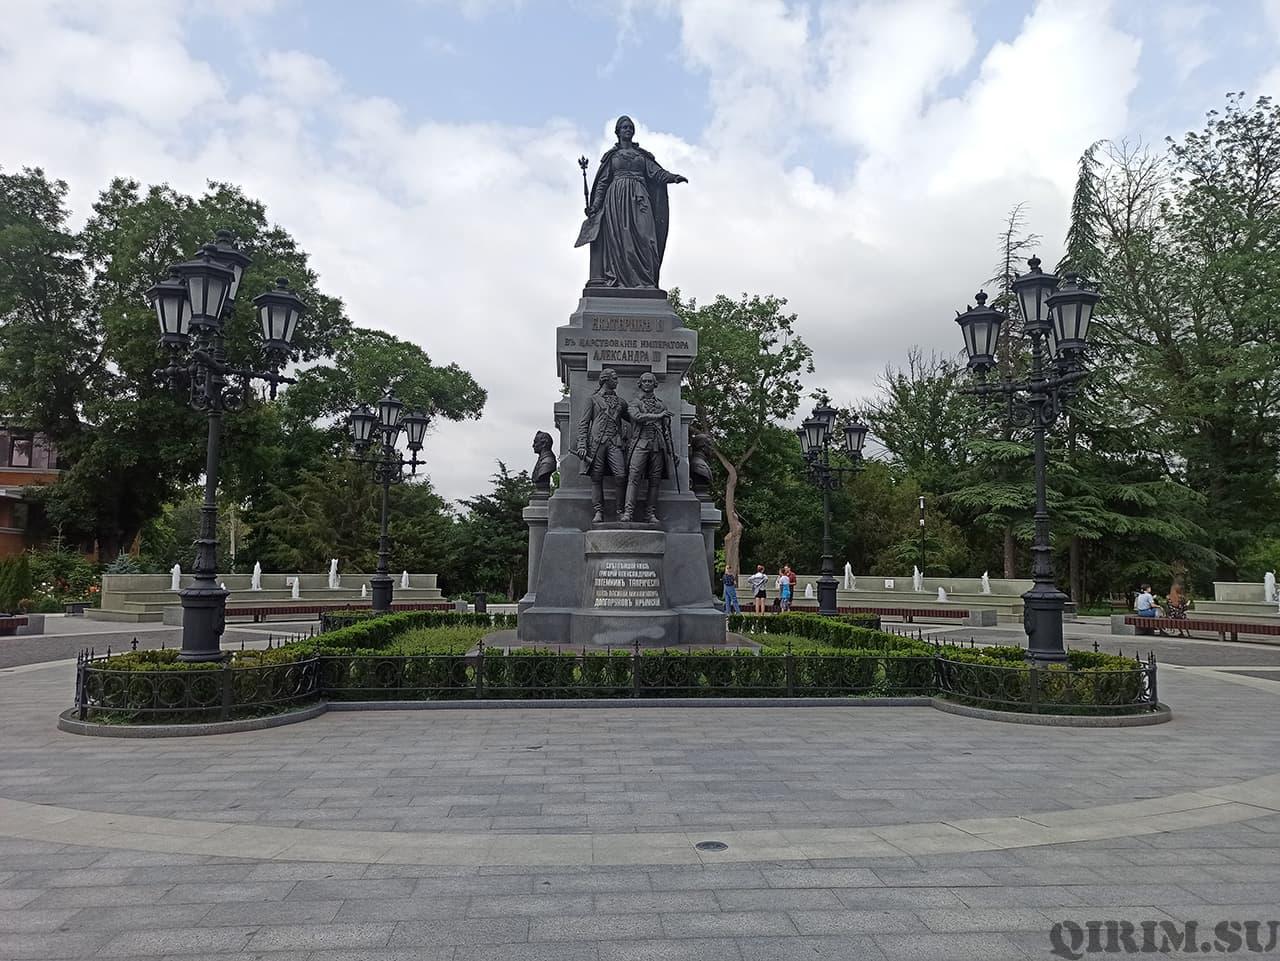 памятник Екатерины II вид с переди